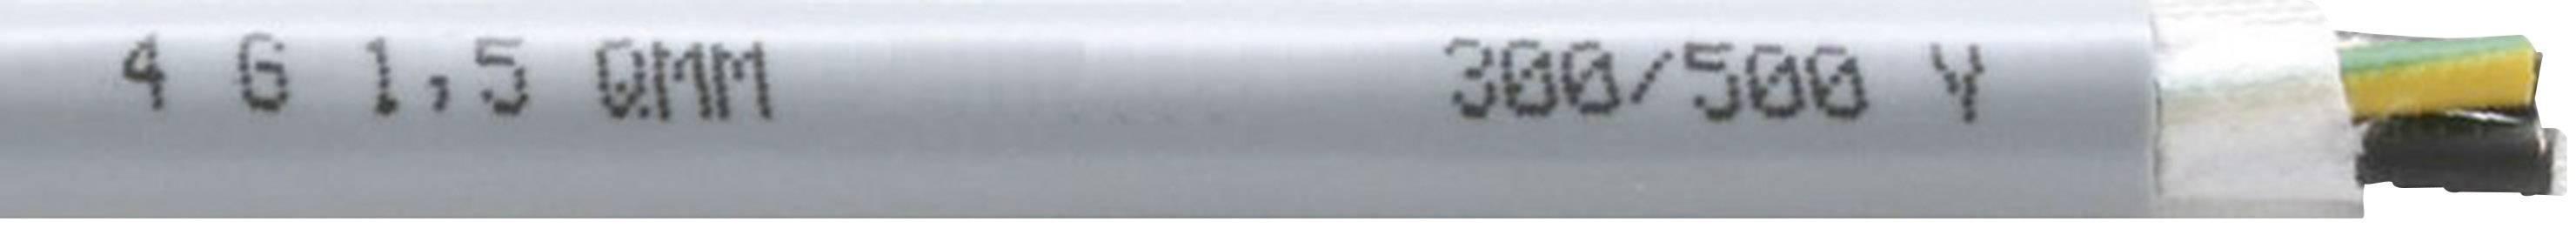 Tažný kabel Faber Kabel EFK 310 Y 310 UL/CSA-SCHLEPPLTG.PVC/PVC (035454), 7x 1,5 mm², PVC, Ø 12 mm, nestíněný,